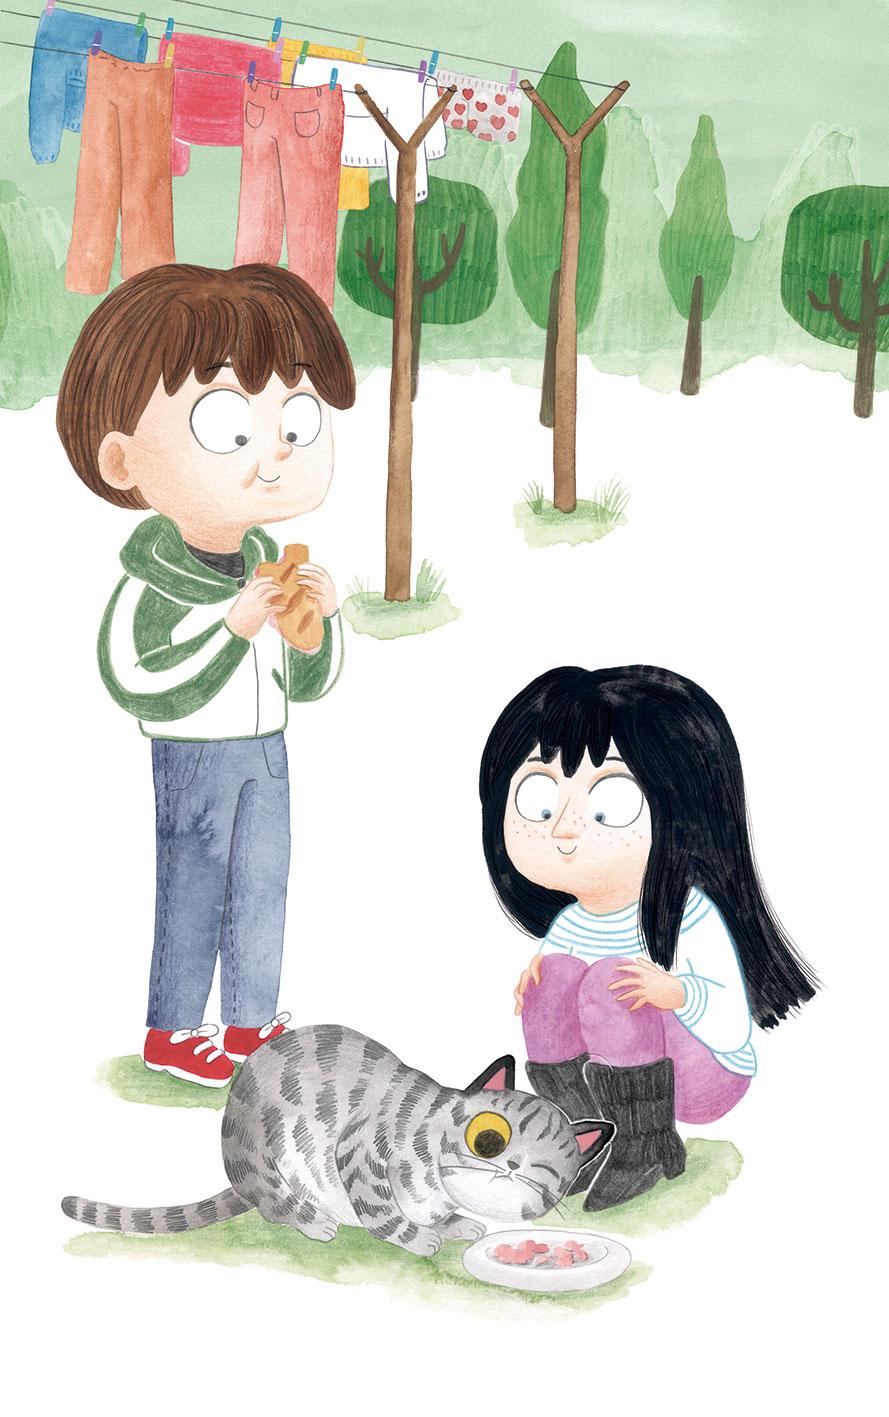 O misterio dos fillos de Lúa, SM, Xerme, El Barco de Vapor, serie naranja, Fina Casalderrey, ilustración de gatos, ilustración infantil, ilustración de gato comiendo,